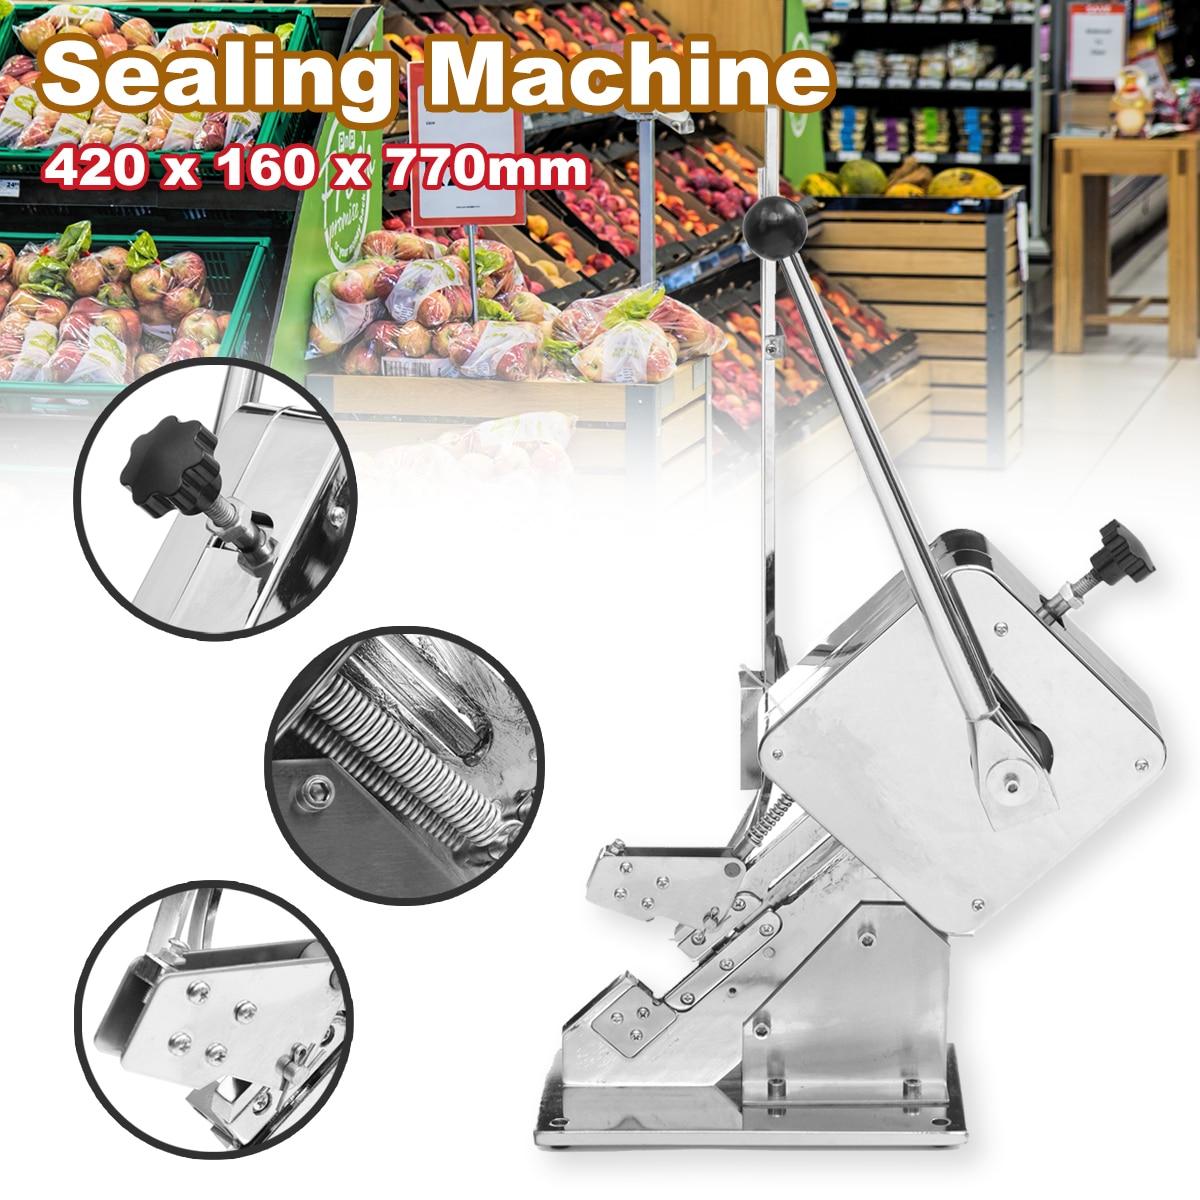 Food Sealers Packing Sealing Machine Manual Ham Sausage Knotting Sealing Machine Supermarket U shape Clips